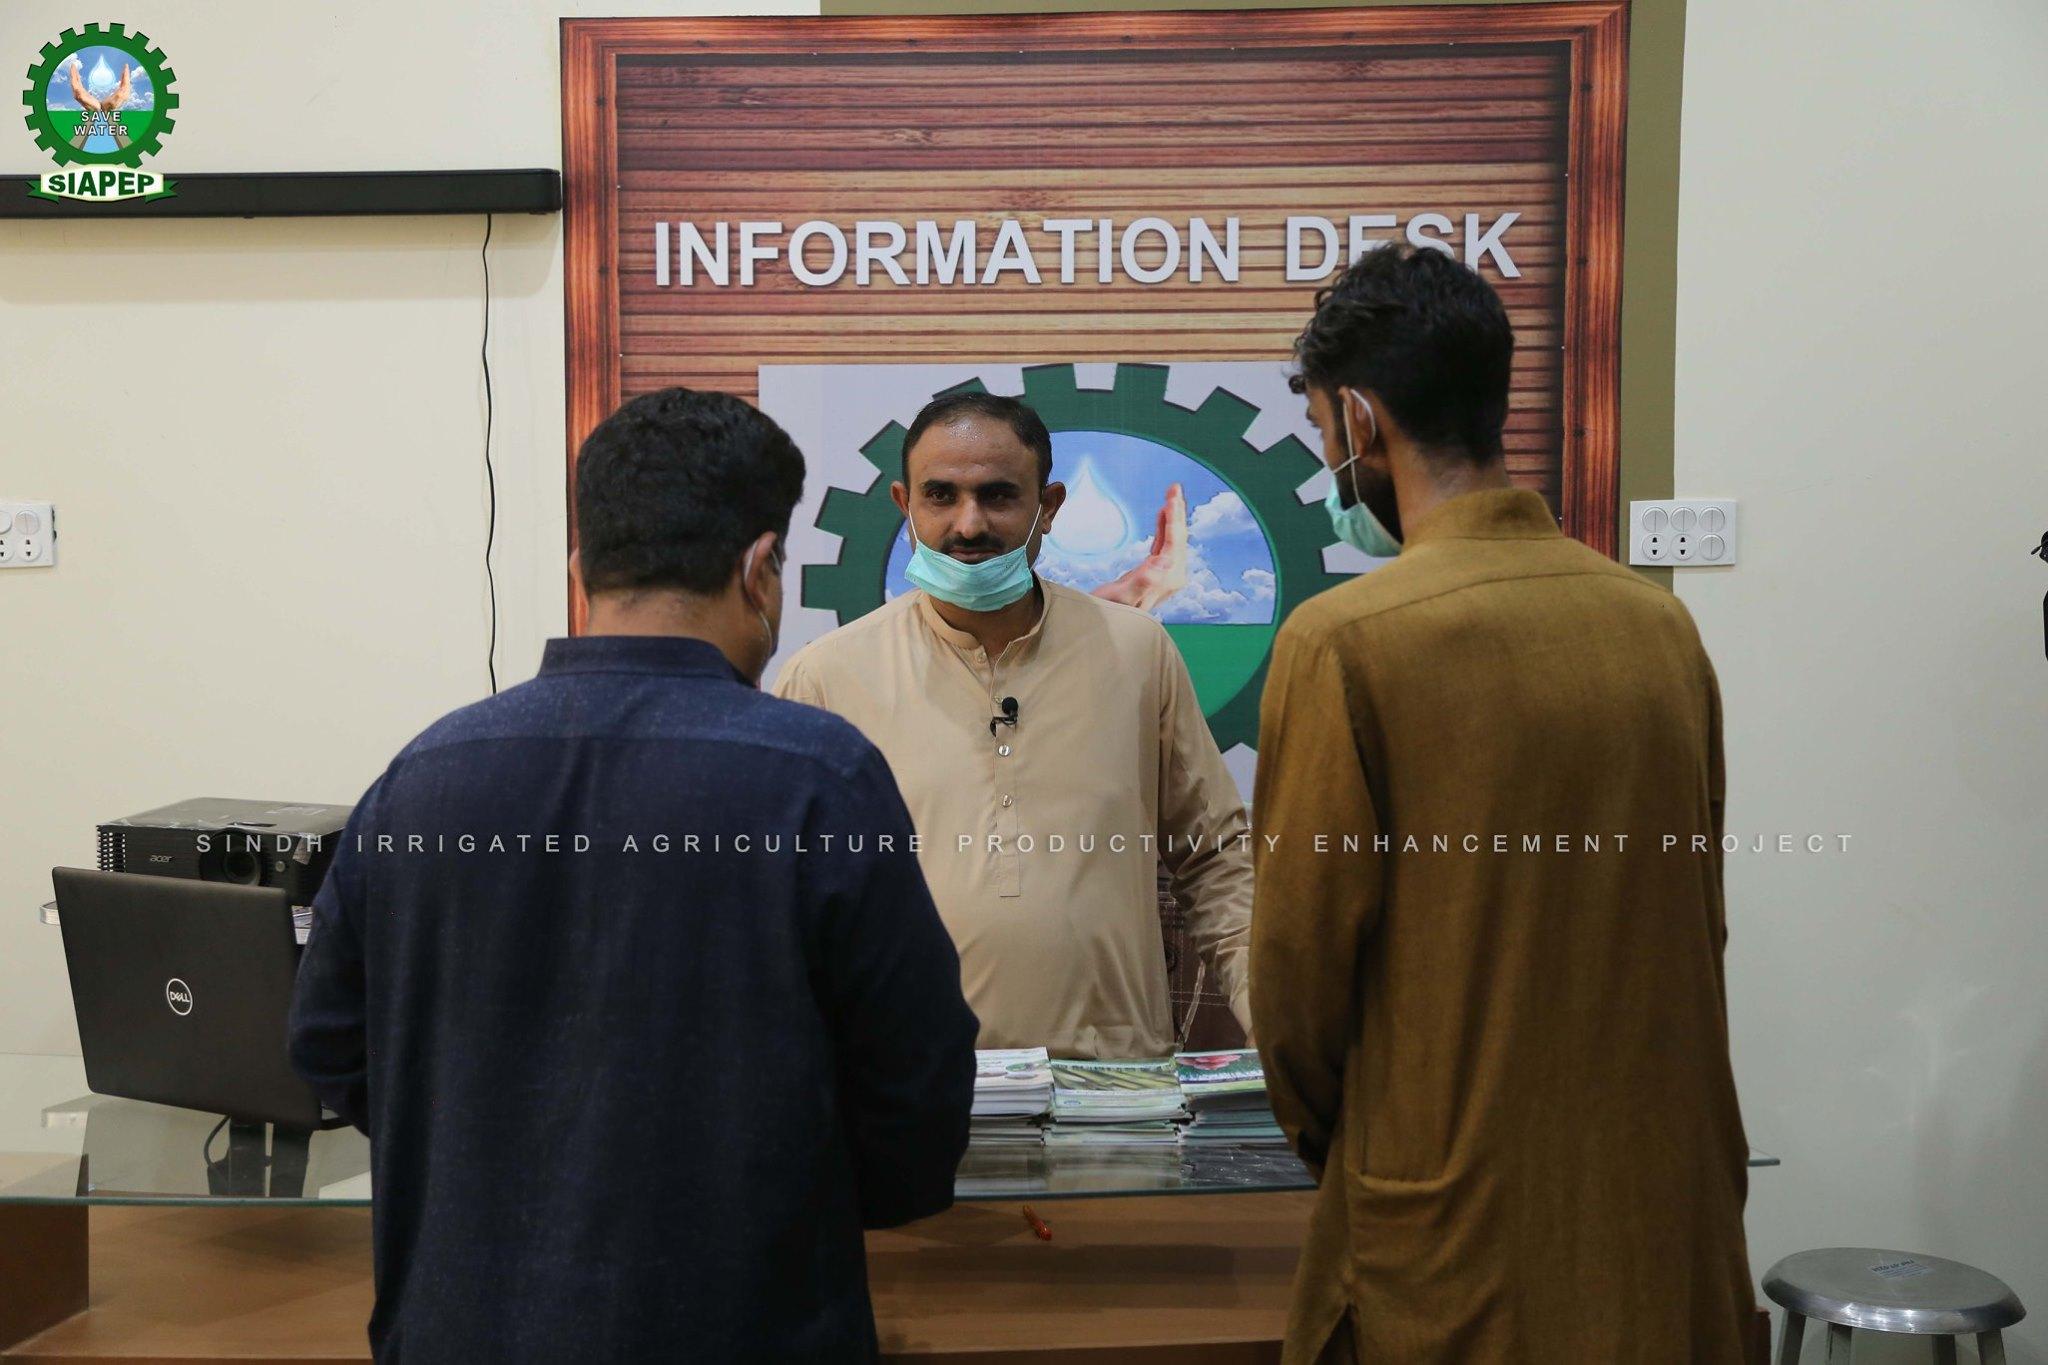 Siapep Activities in District Larkana.